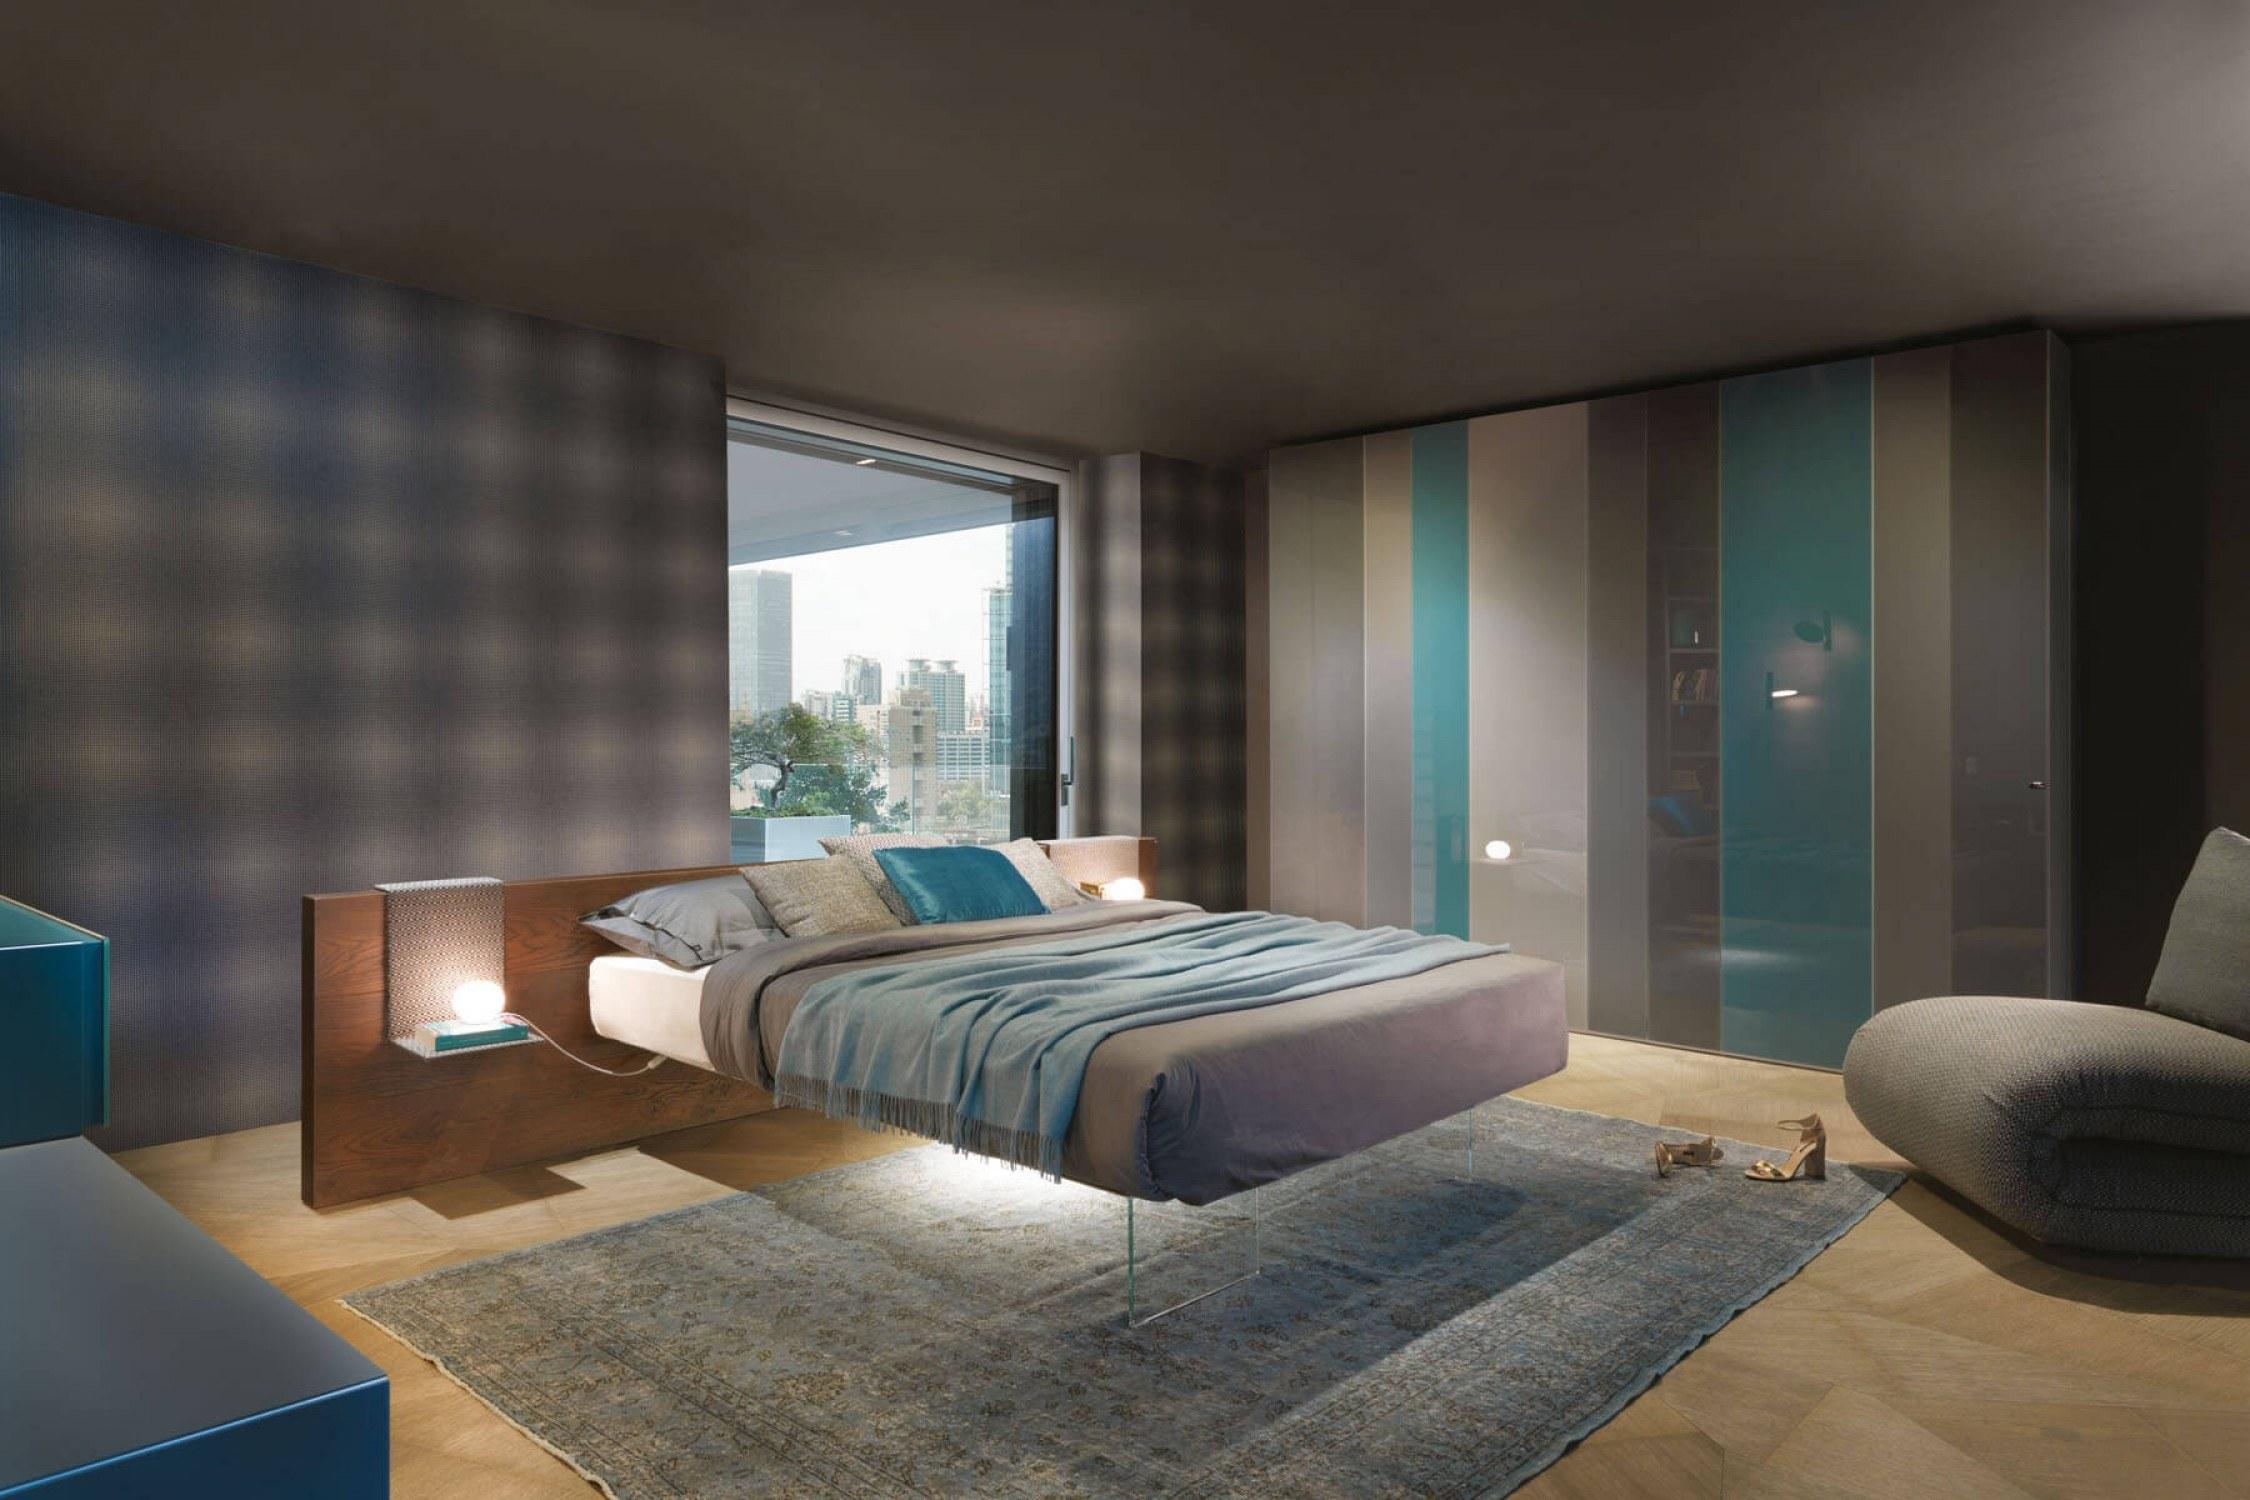 """Mẫu thiết kế phòng ngủ này khiến ai nấy đều rất thích thú với chiếc giường như được """"tàng hình"""" trong khoảng không"""